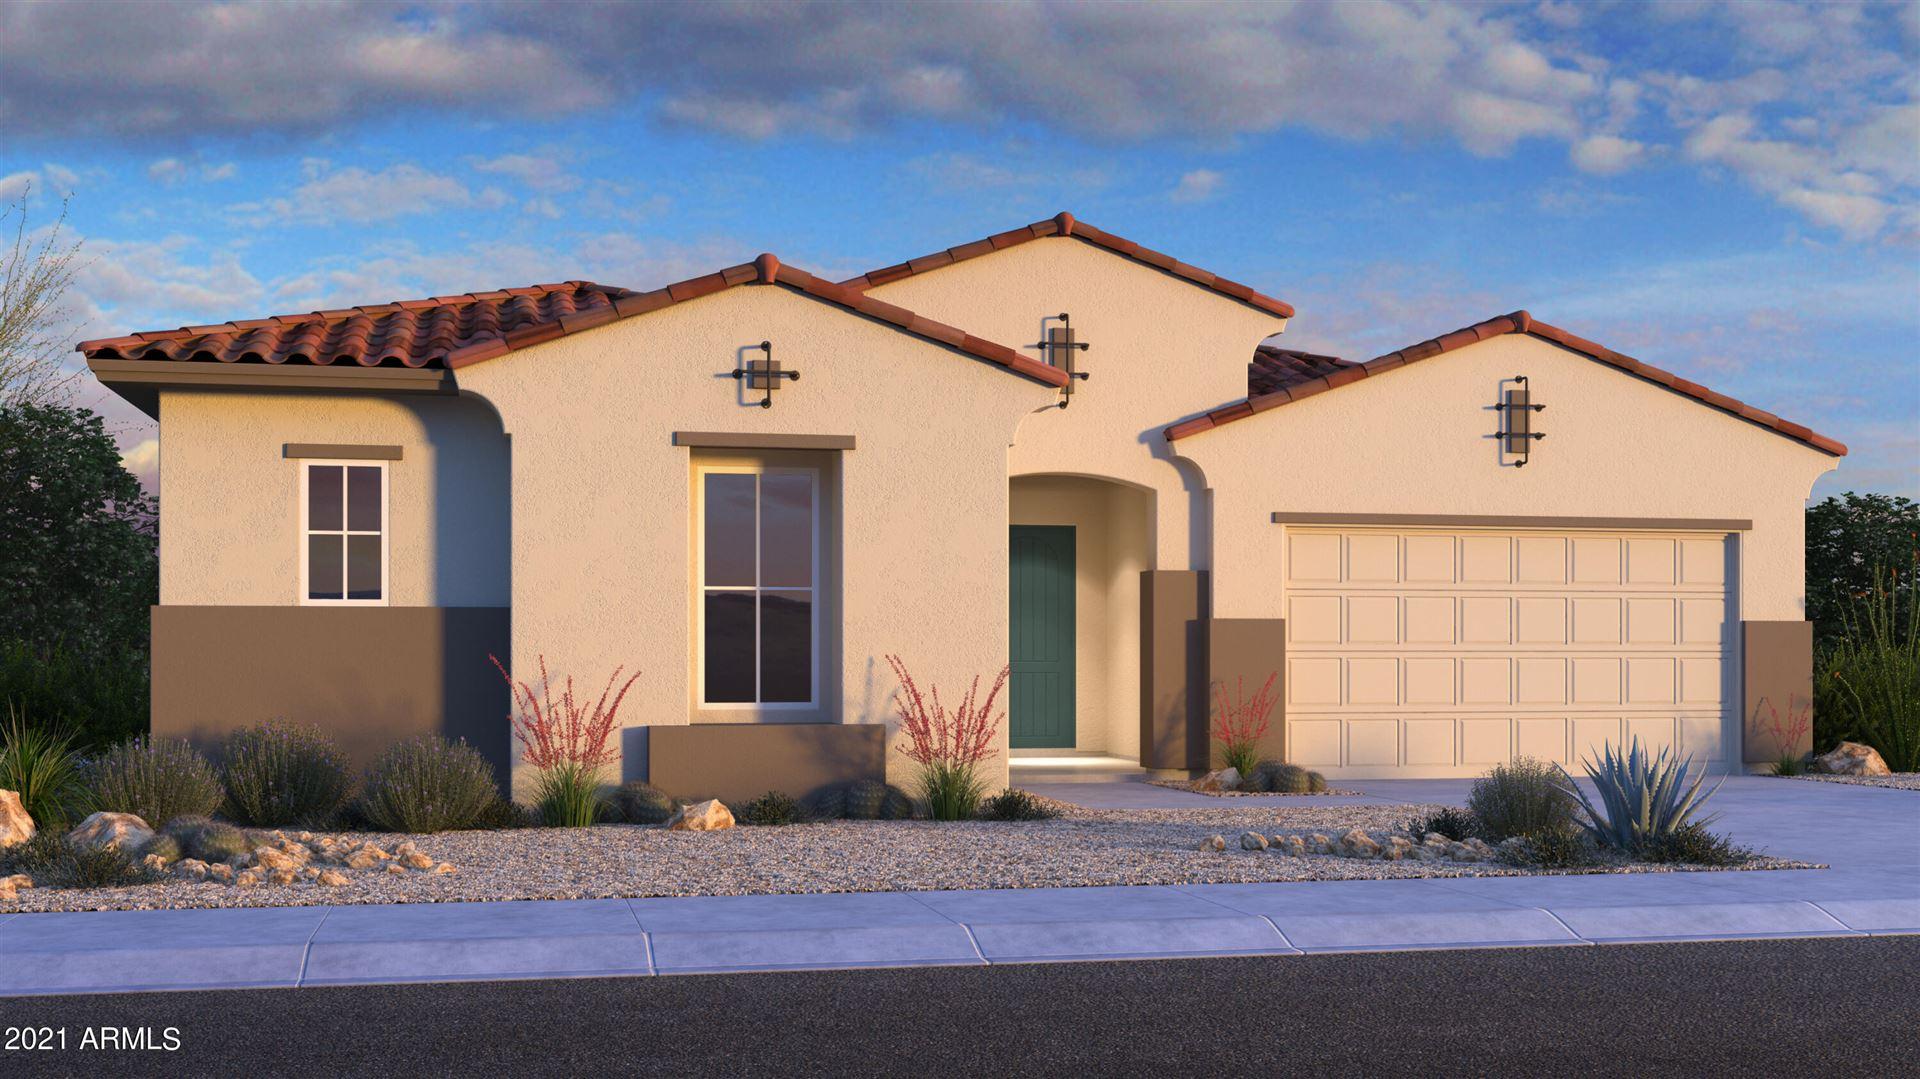 21138 W EDGEMONT Avenue, Buckeye, AZ 85396 - MLS#: 6266631